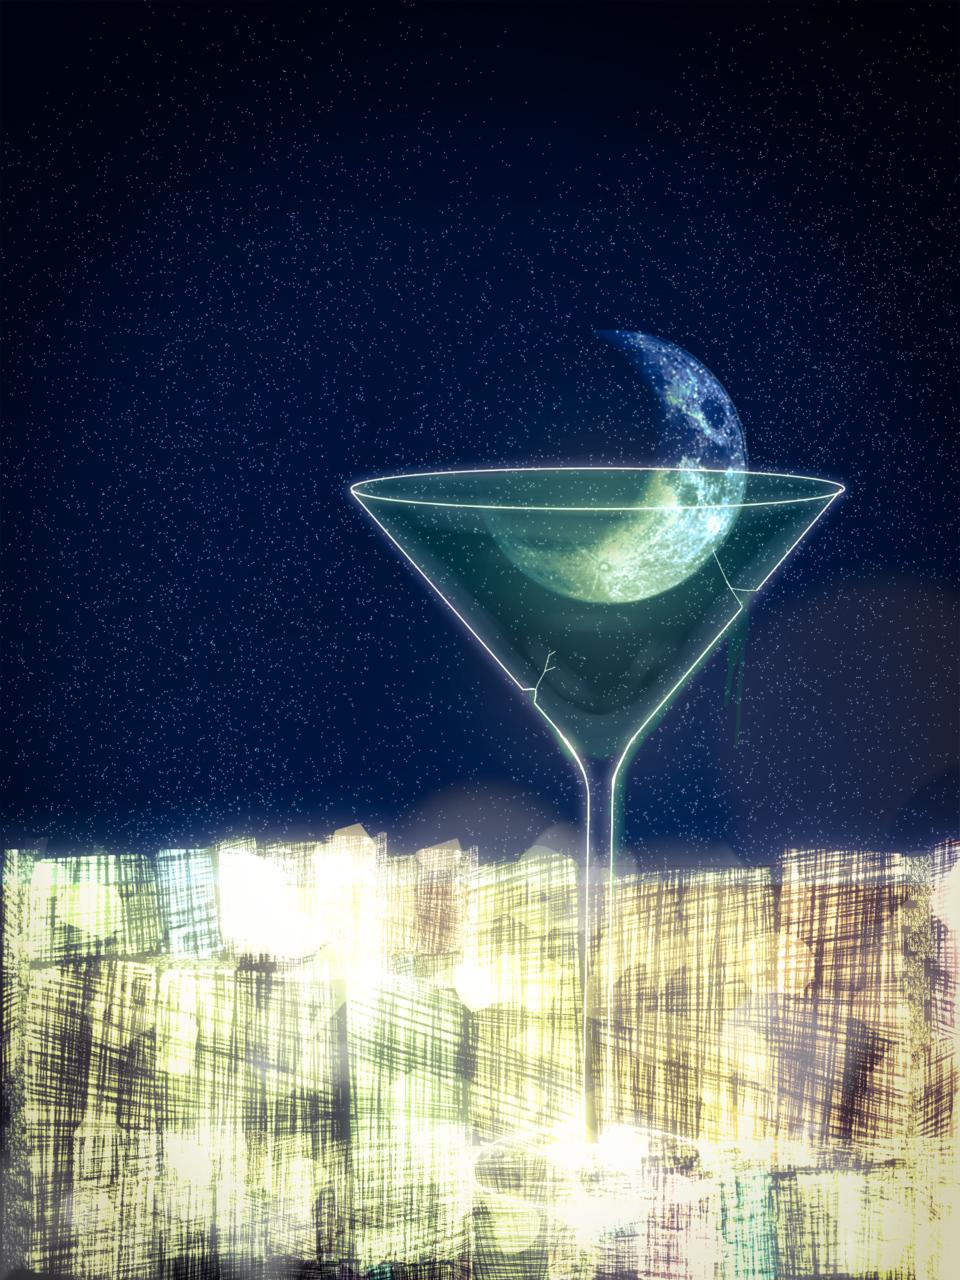 月のカクテル Illust of 執抖 moon painting scenery night illustration sky background art